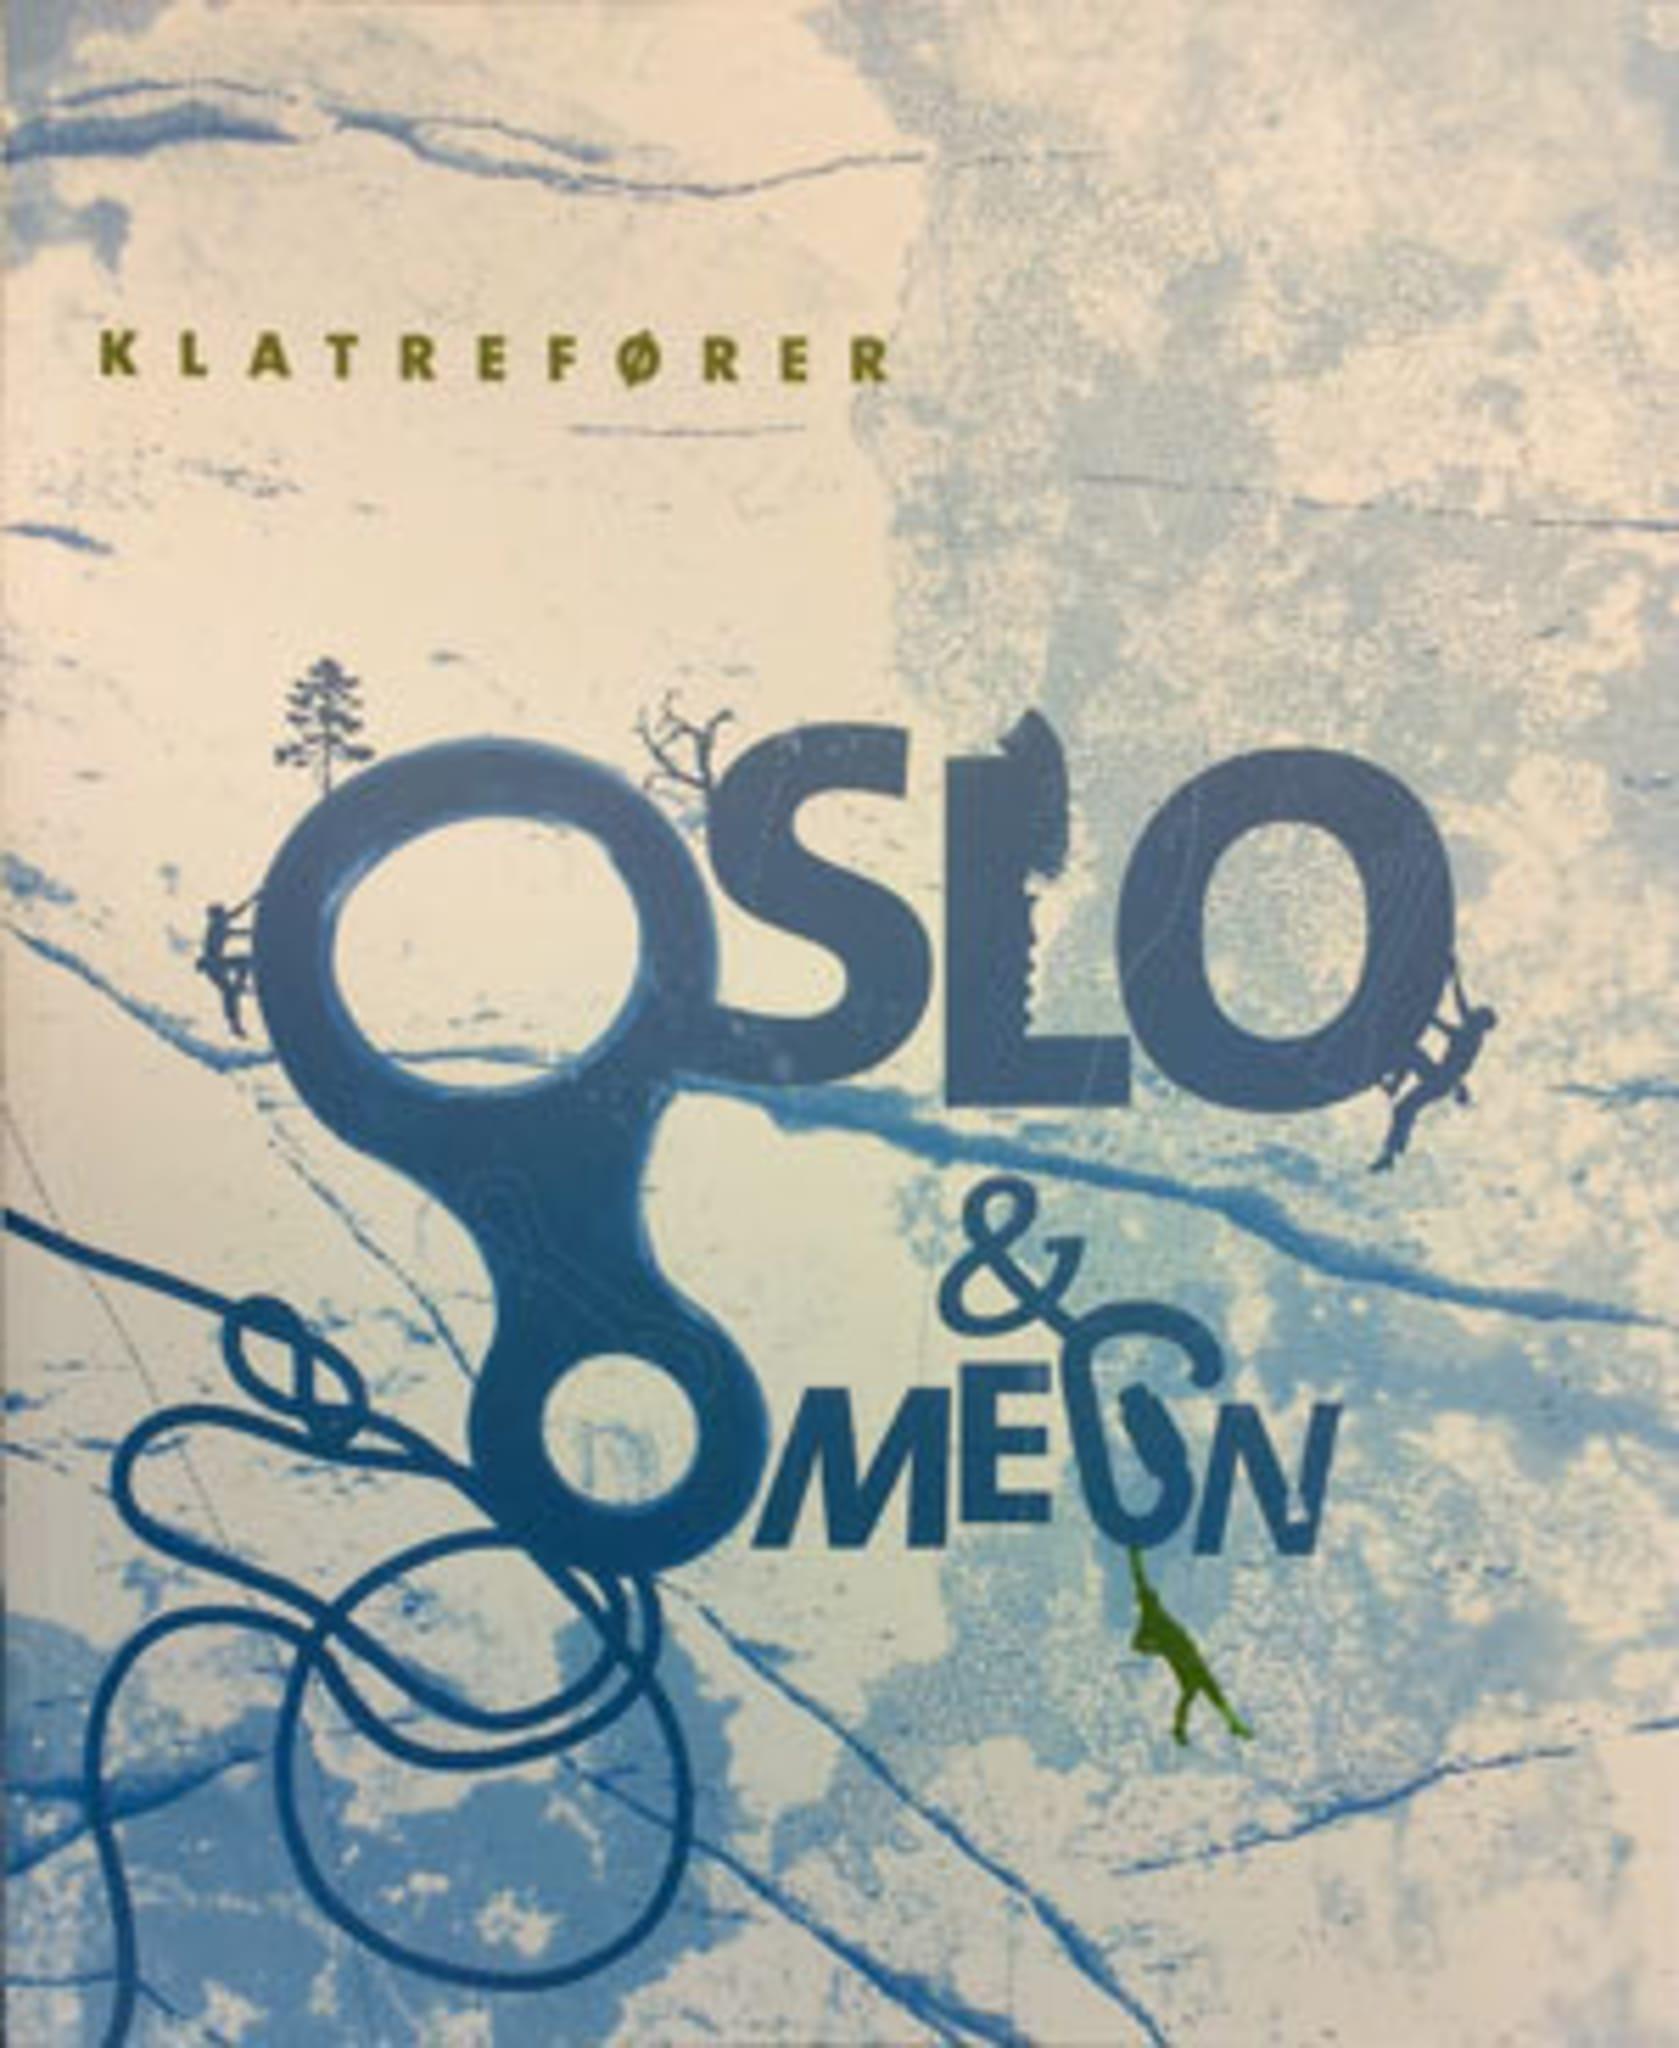 Innholdsrik fører for Oslo og Omegn